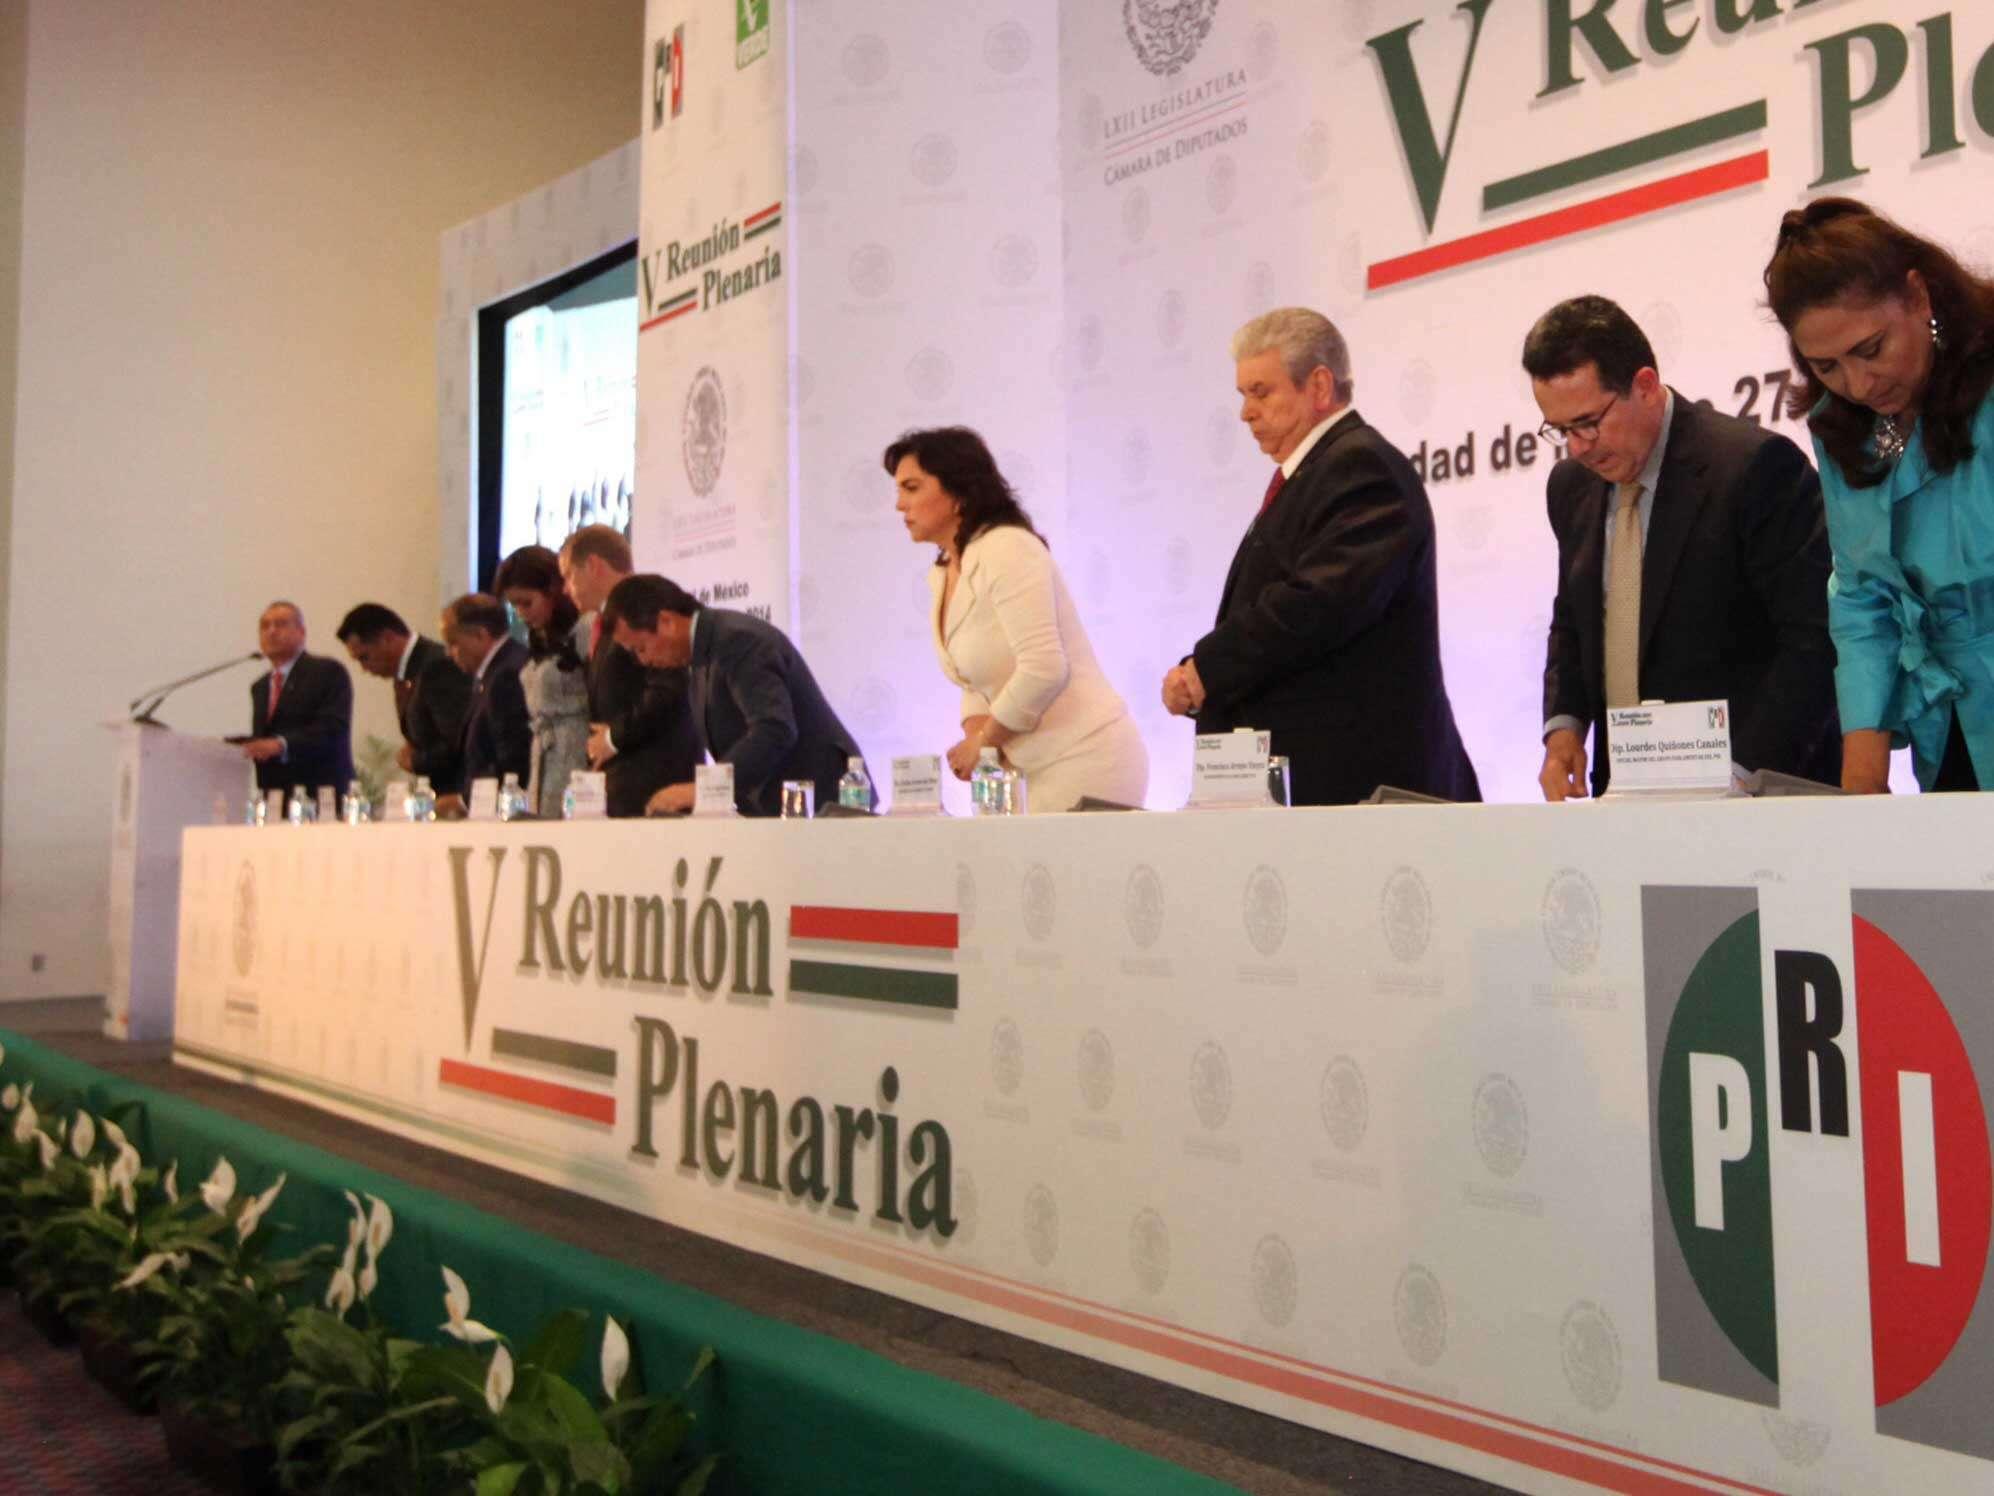 PRI celebra reunión plenaria de diputados federales en el DF